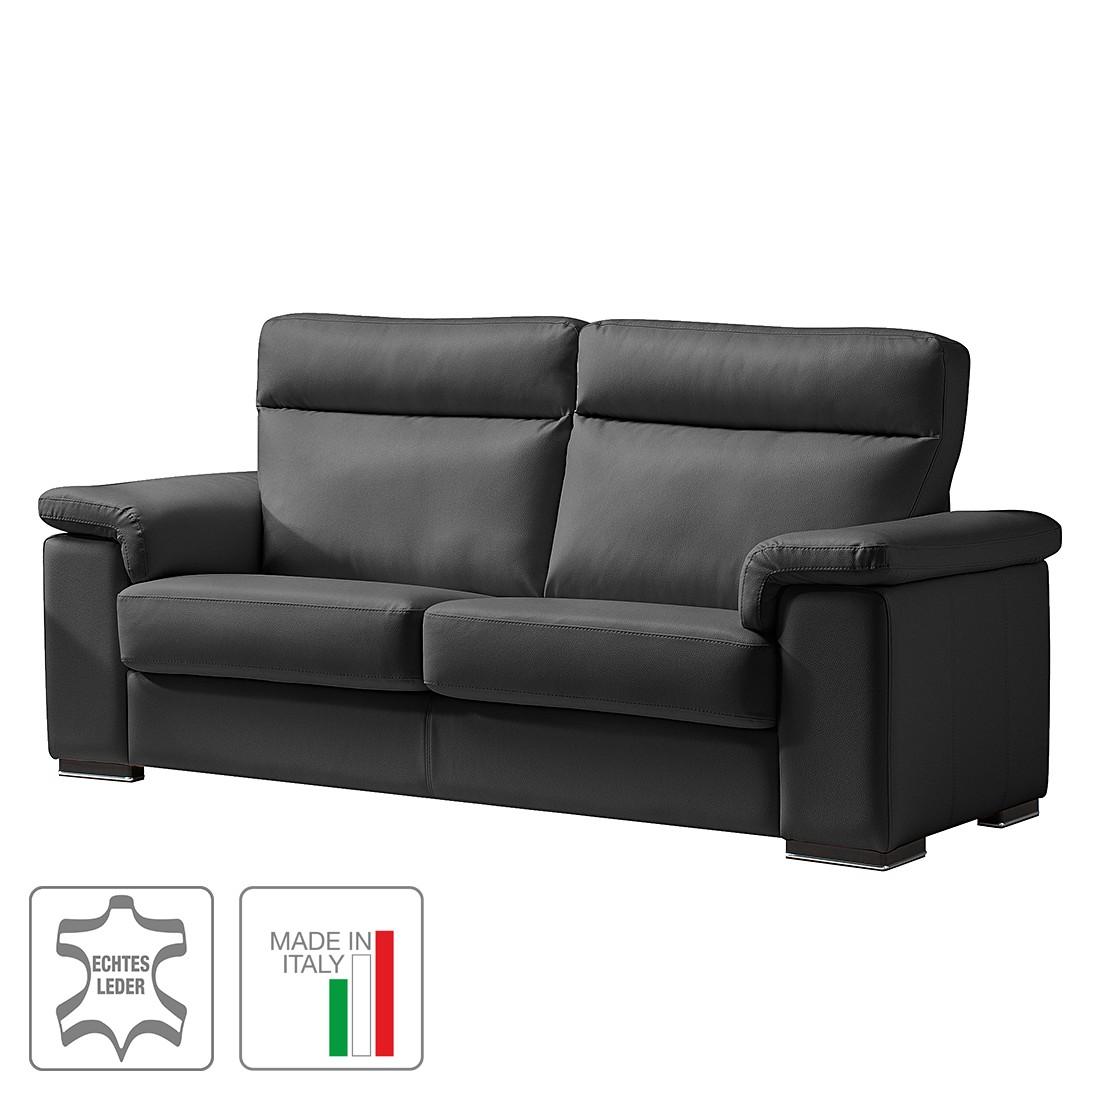 Sofa Babylon (2,5-Sitzer) – Echtleder – Keine Funktion – Schwarz, Trend Italiano online bestellen